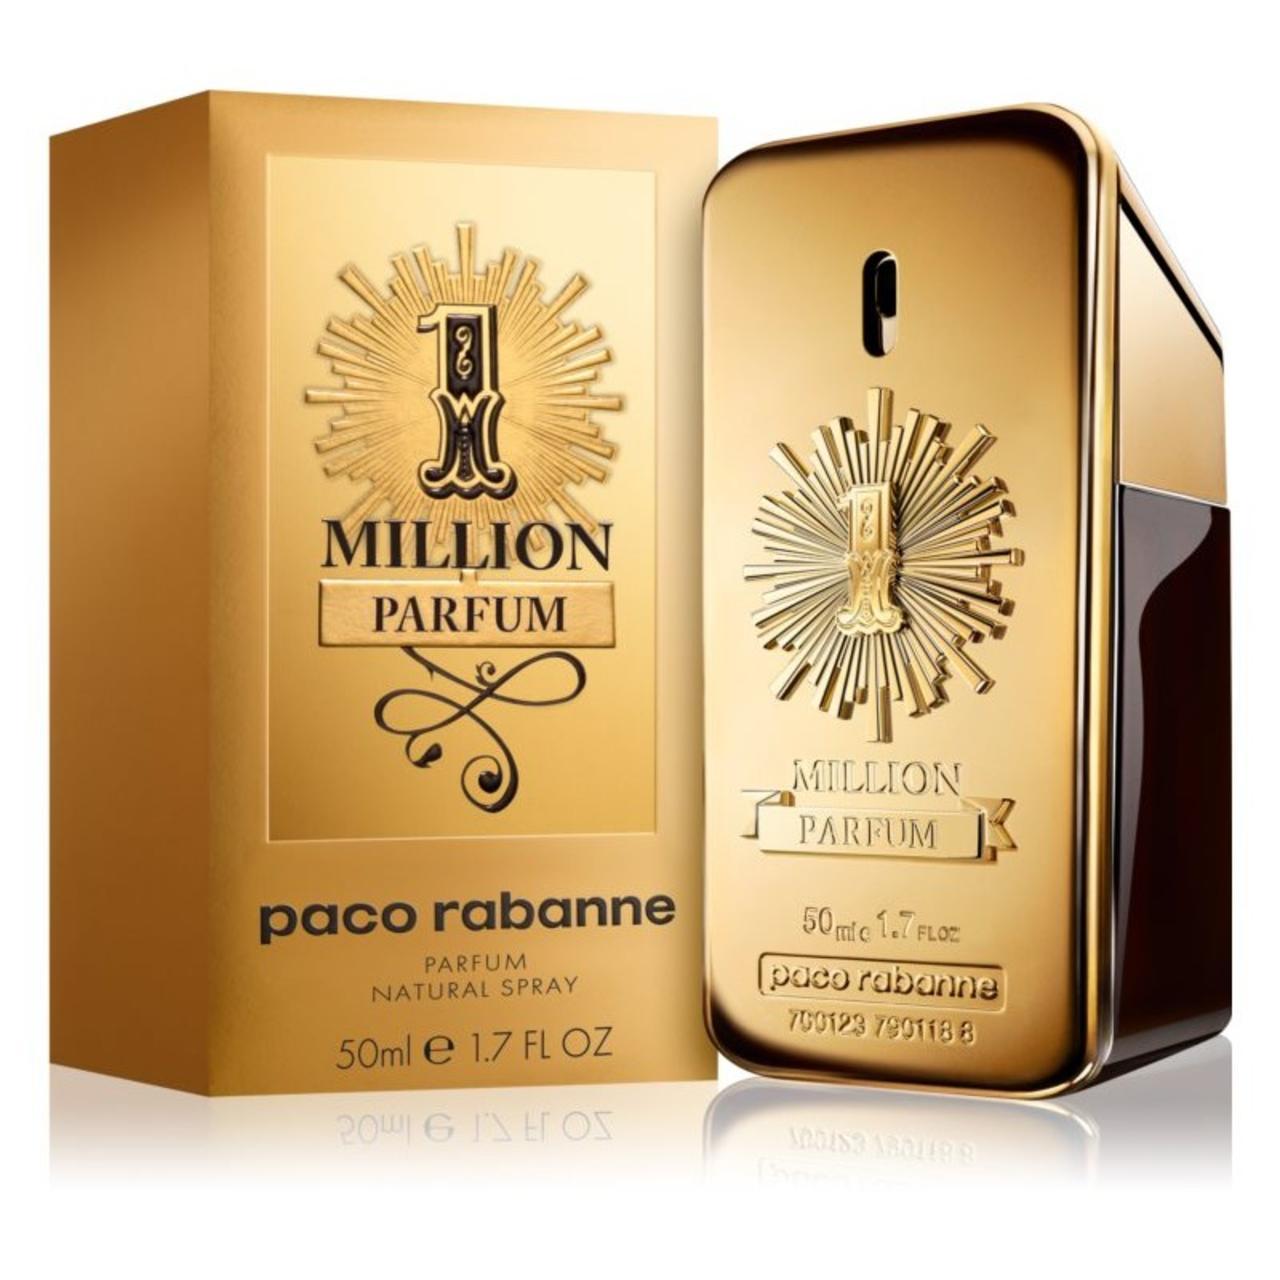 Paco Rabanne 1 Million Parfum, 13.899 kr. (50 ml.)